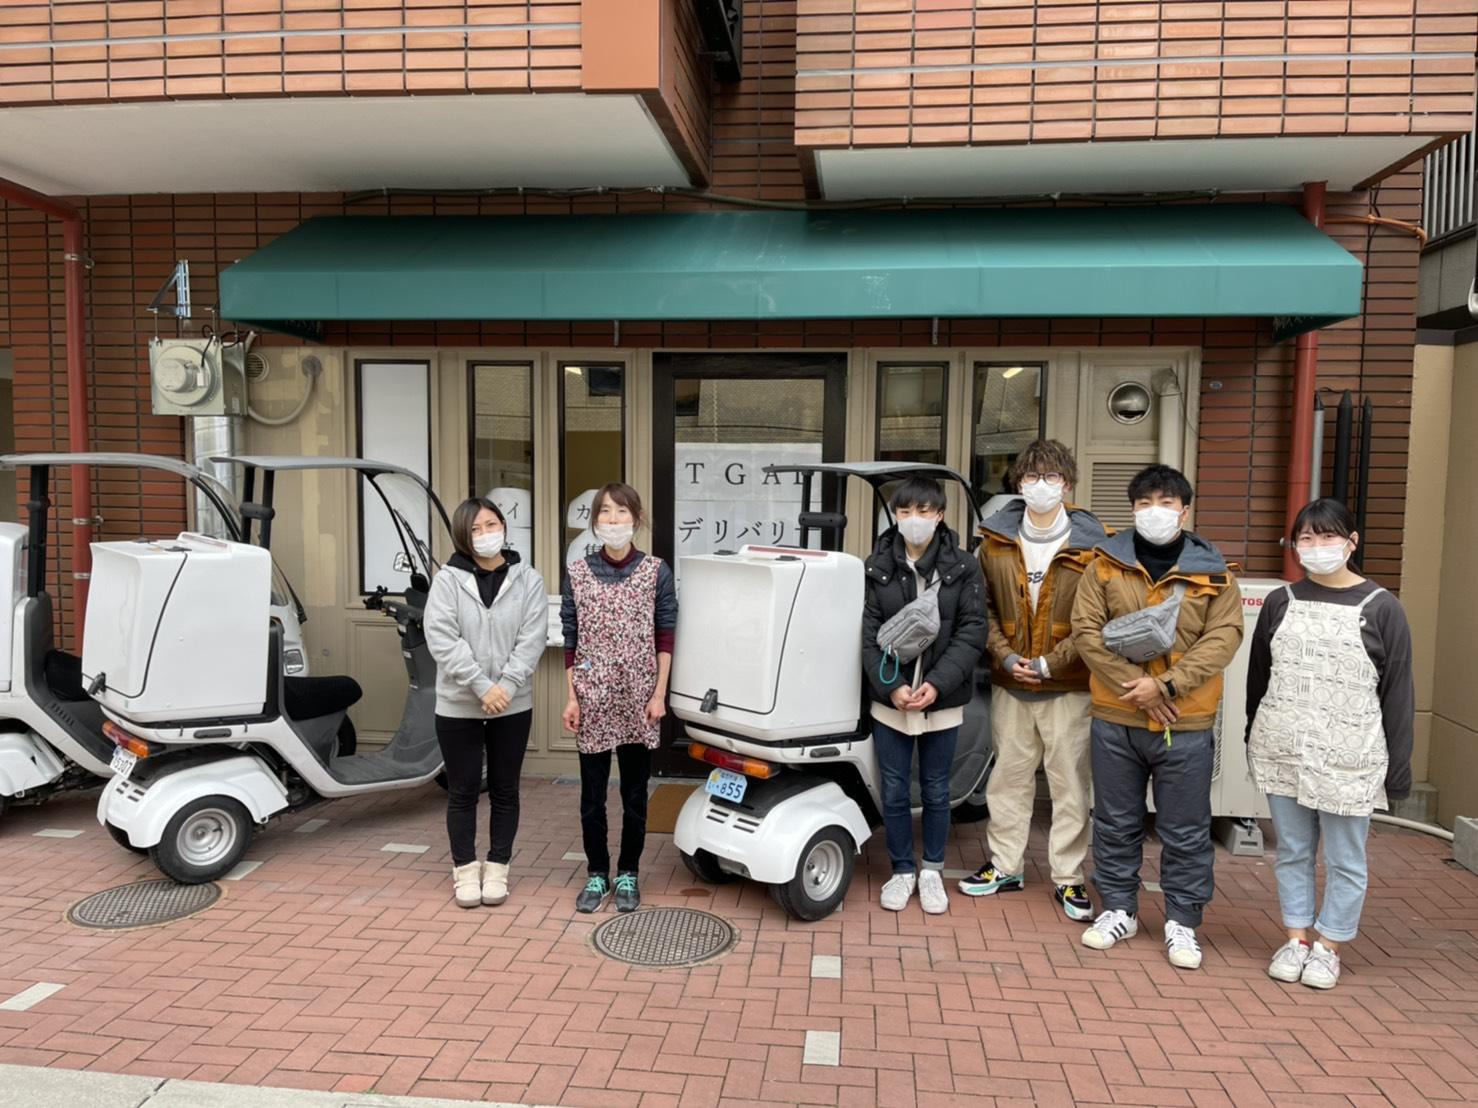 【新店舗】TGALデリバリー福岡天神店が1月28日にオープン致しました。